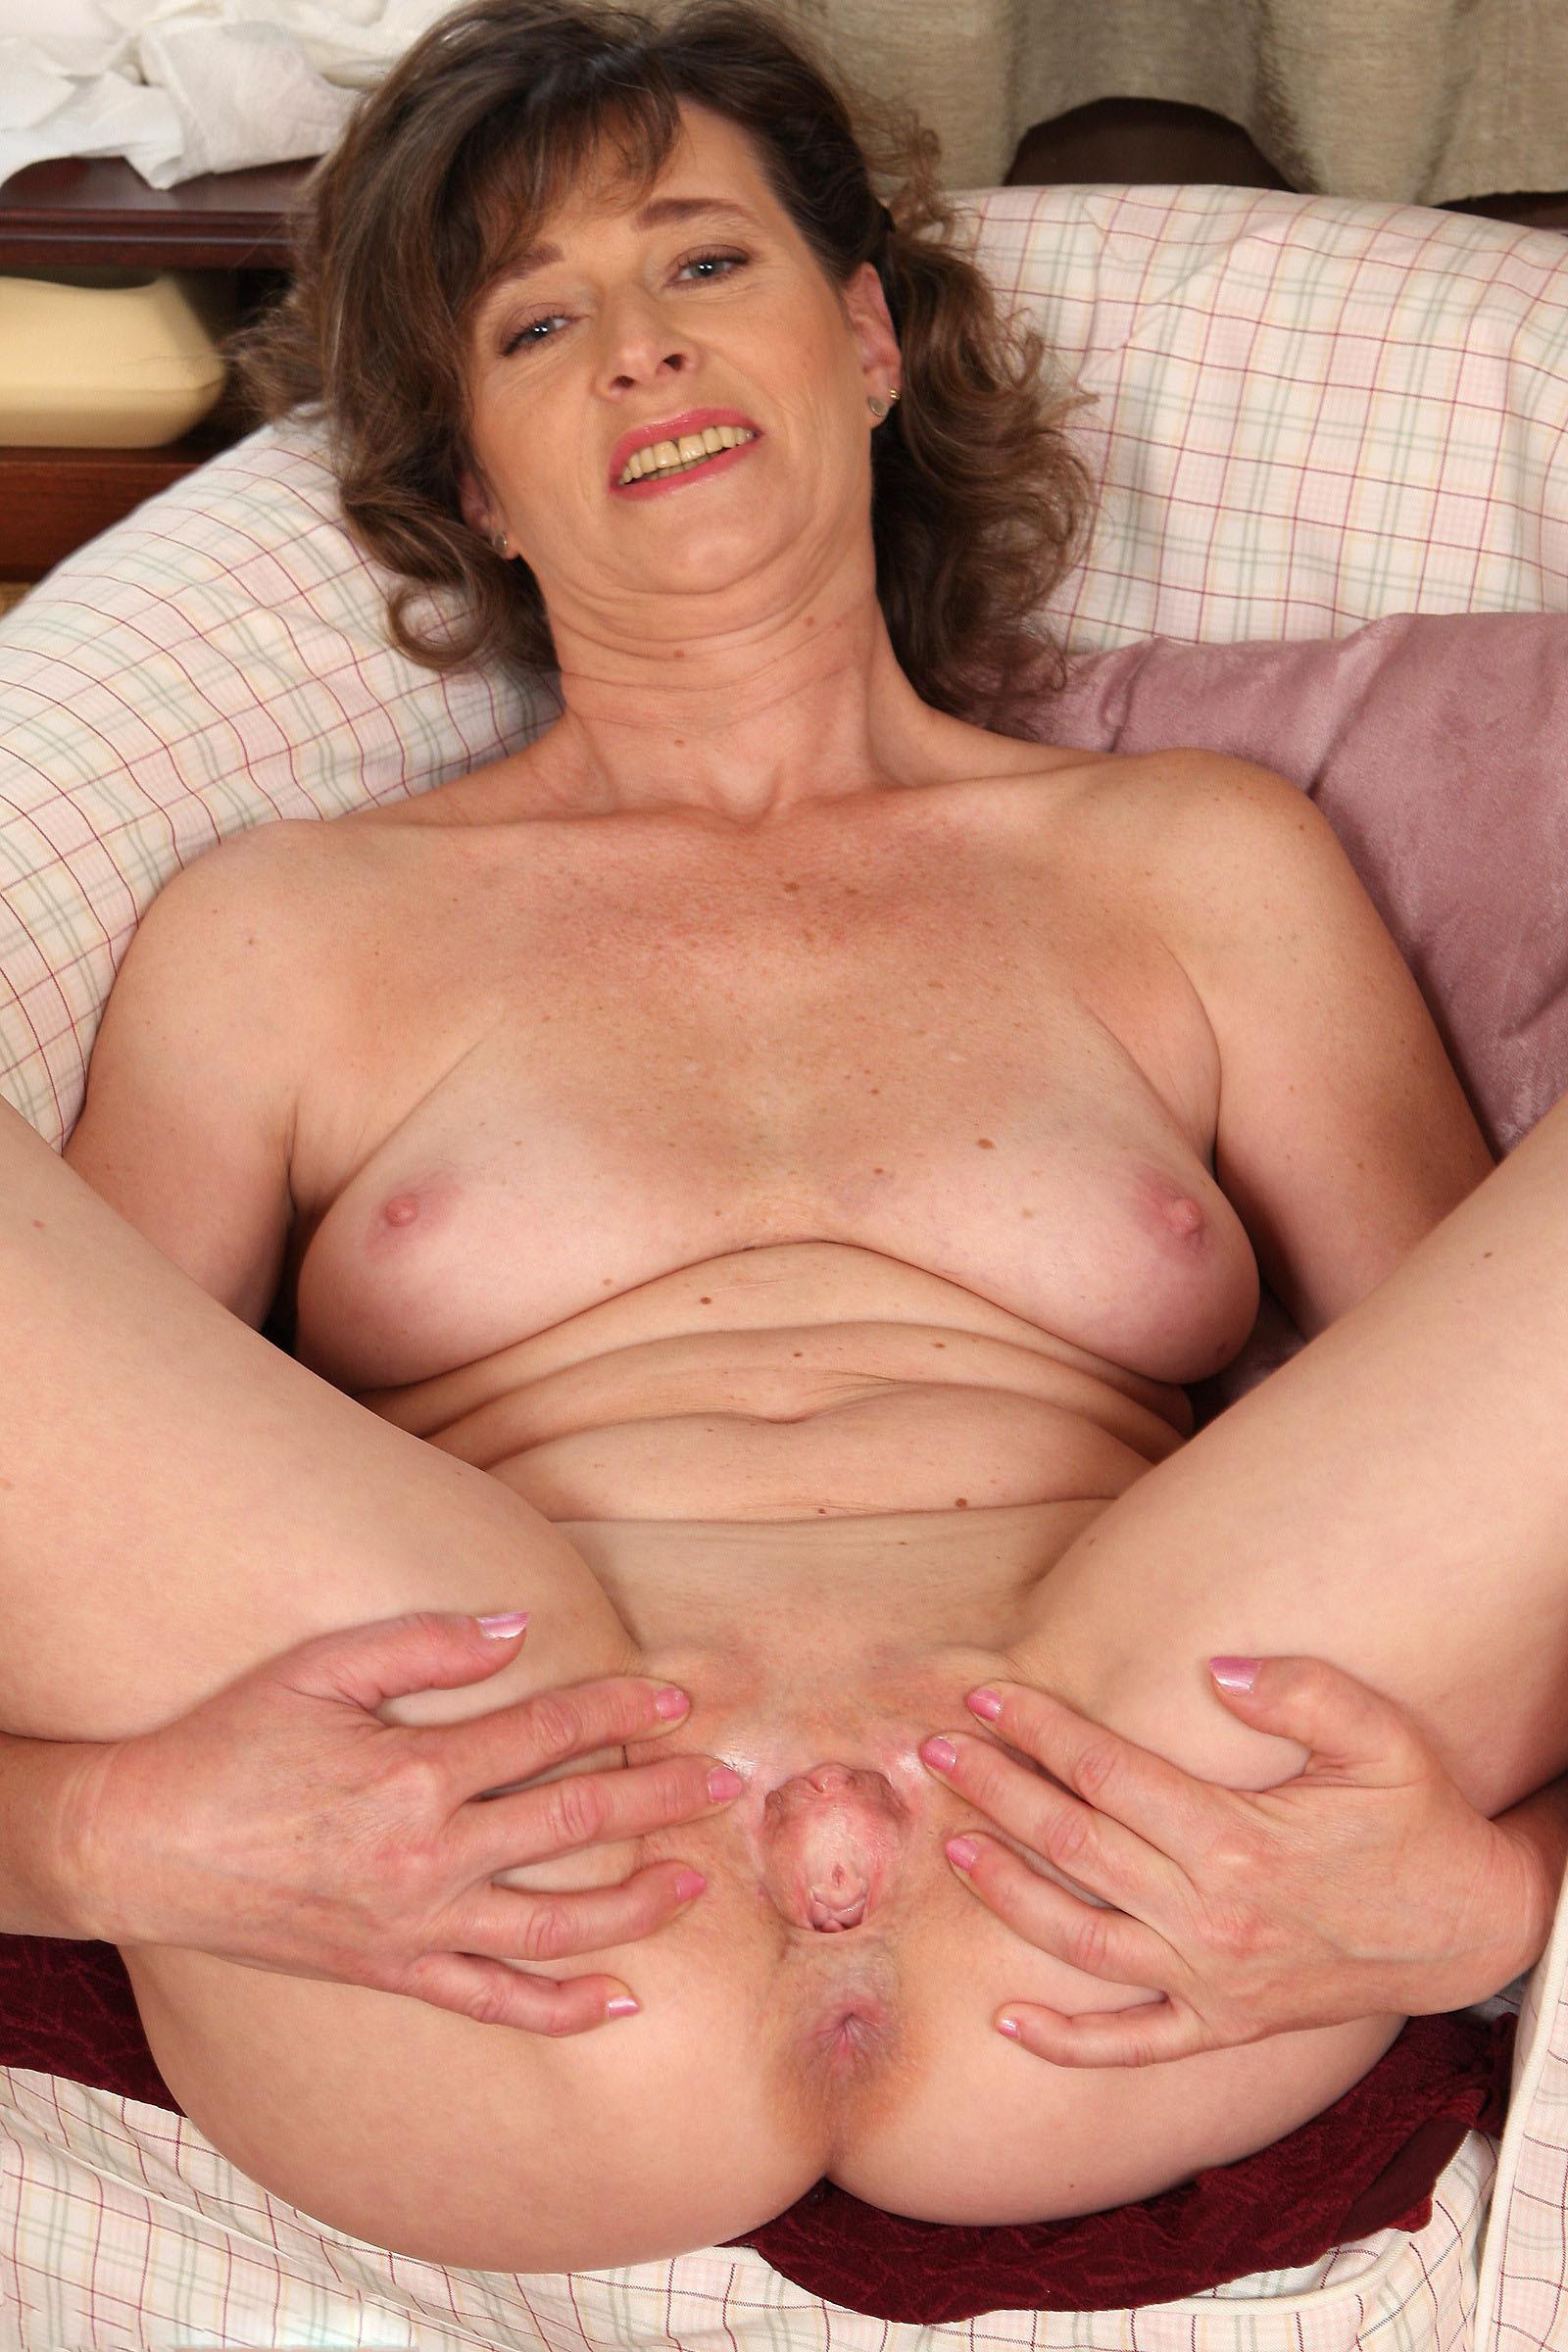 фото пизды 50 лет женщины